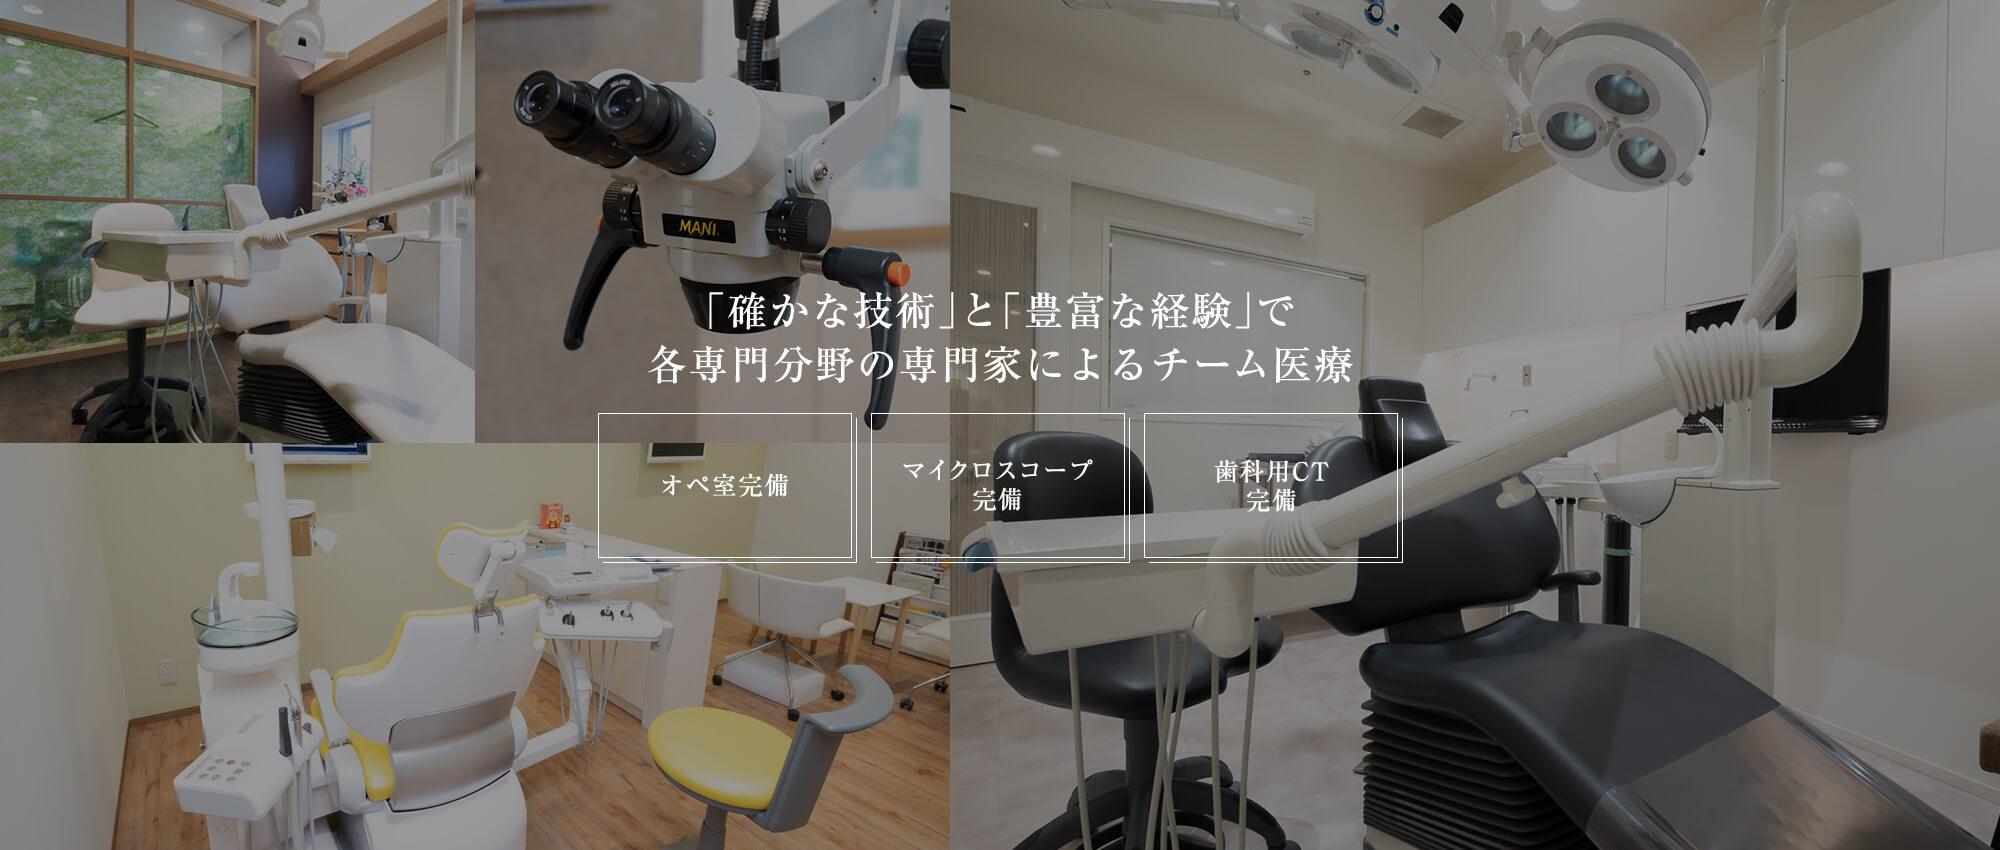 「確かな技術」と「豊富な経験」で各専門分野の専門家によるチーム医療